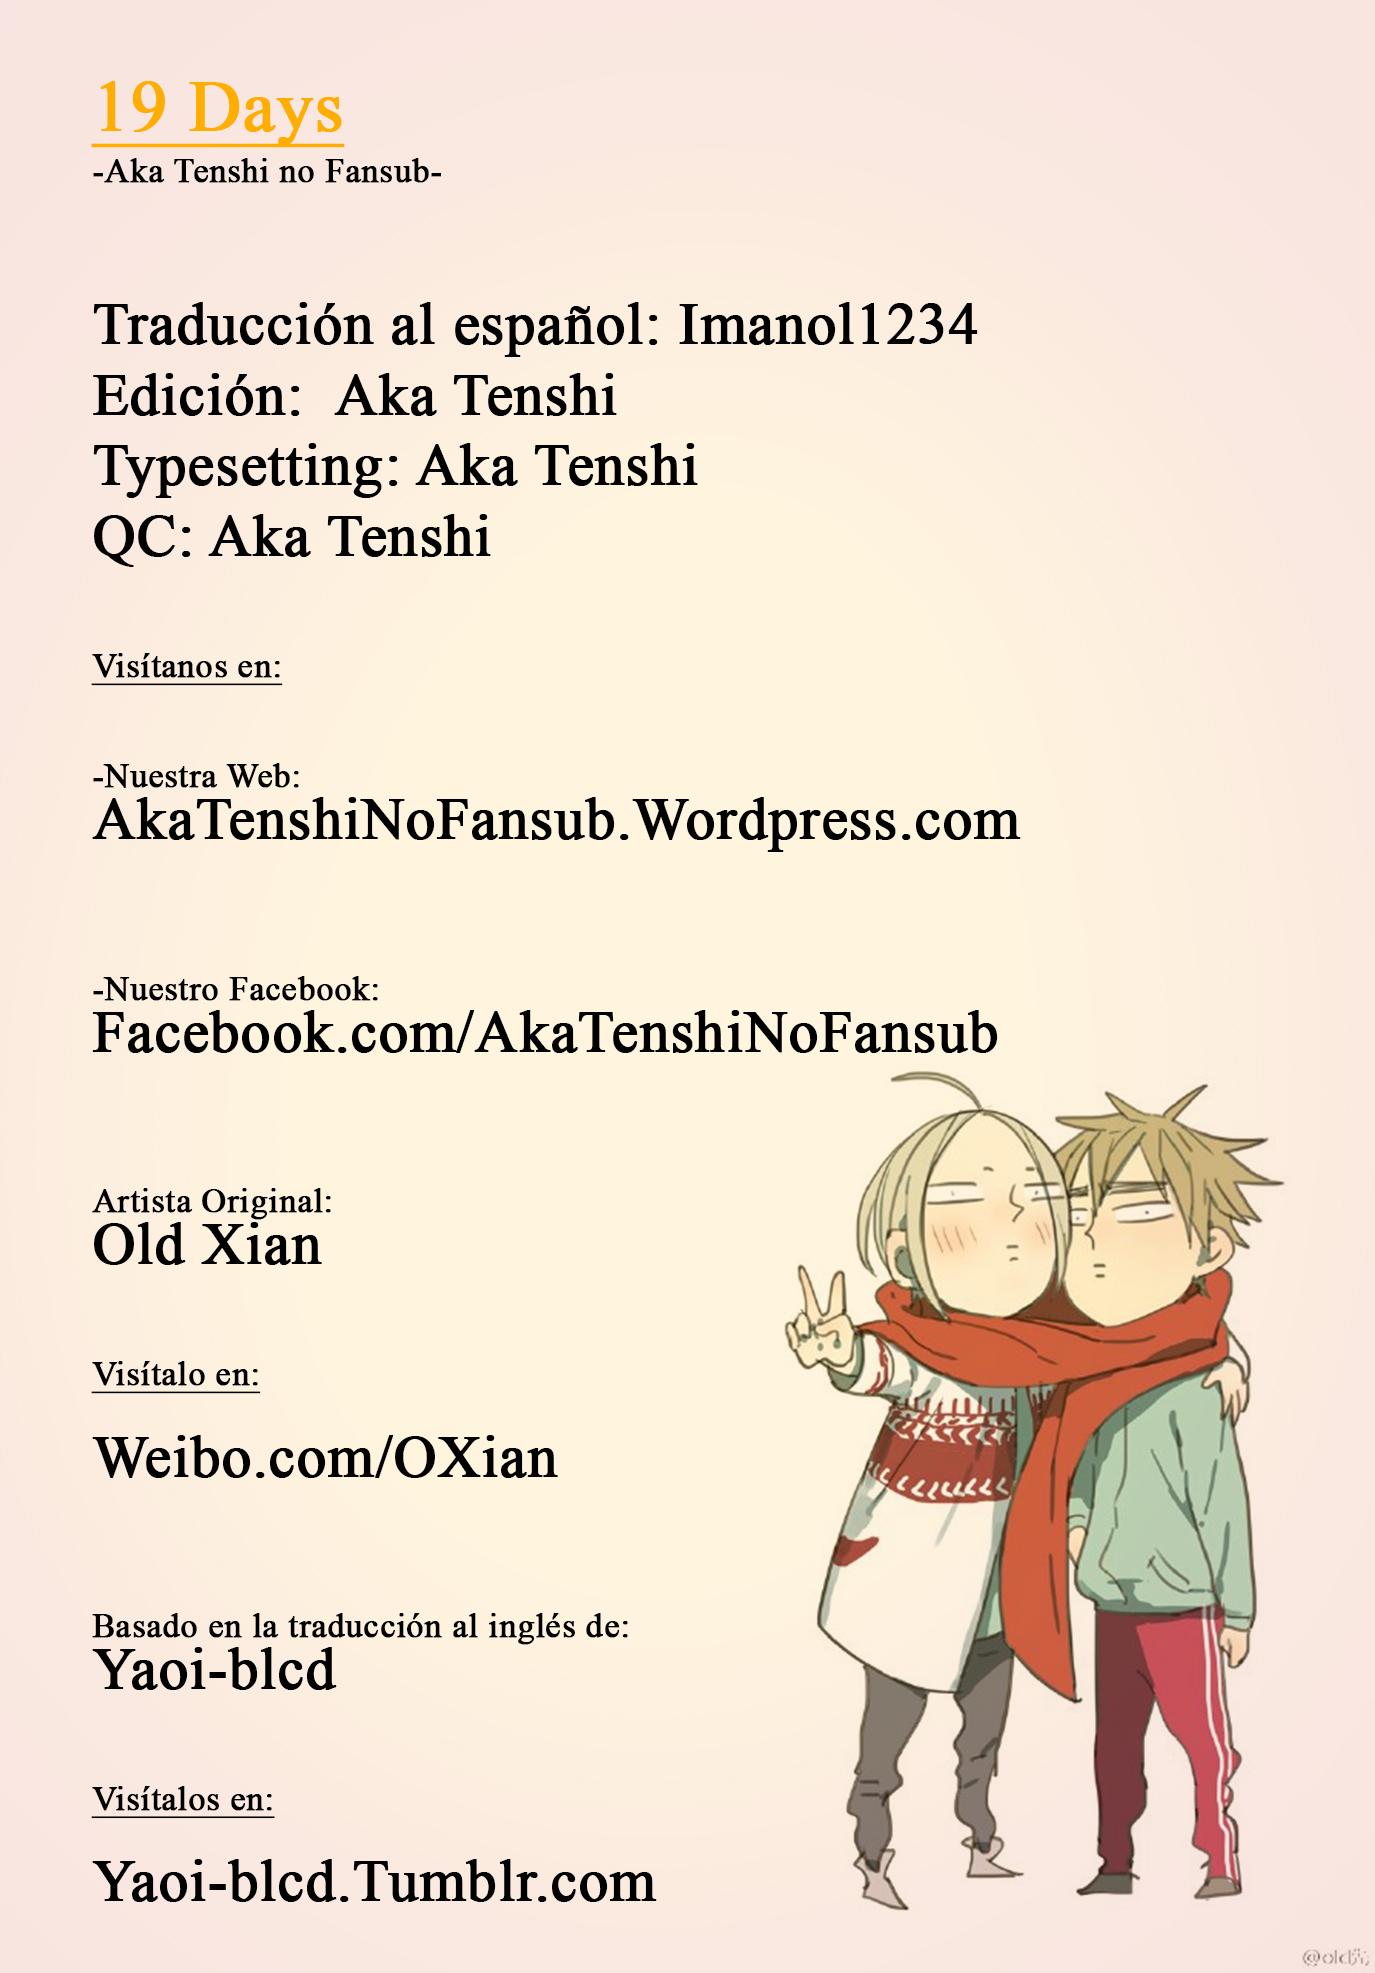 http://c5.ninemanga.com/es_manga/7/15943/435315/3f2fdfd9175fd90b9487441307fdd2ef.jpg Page 1